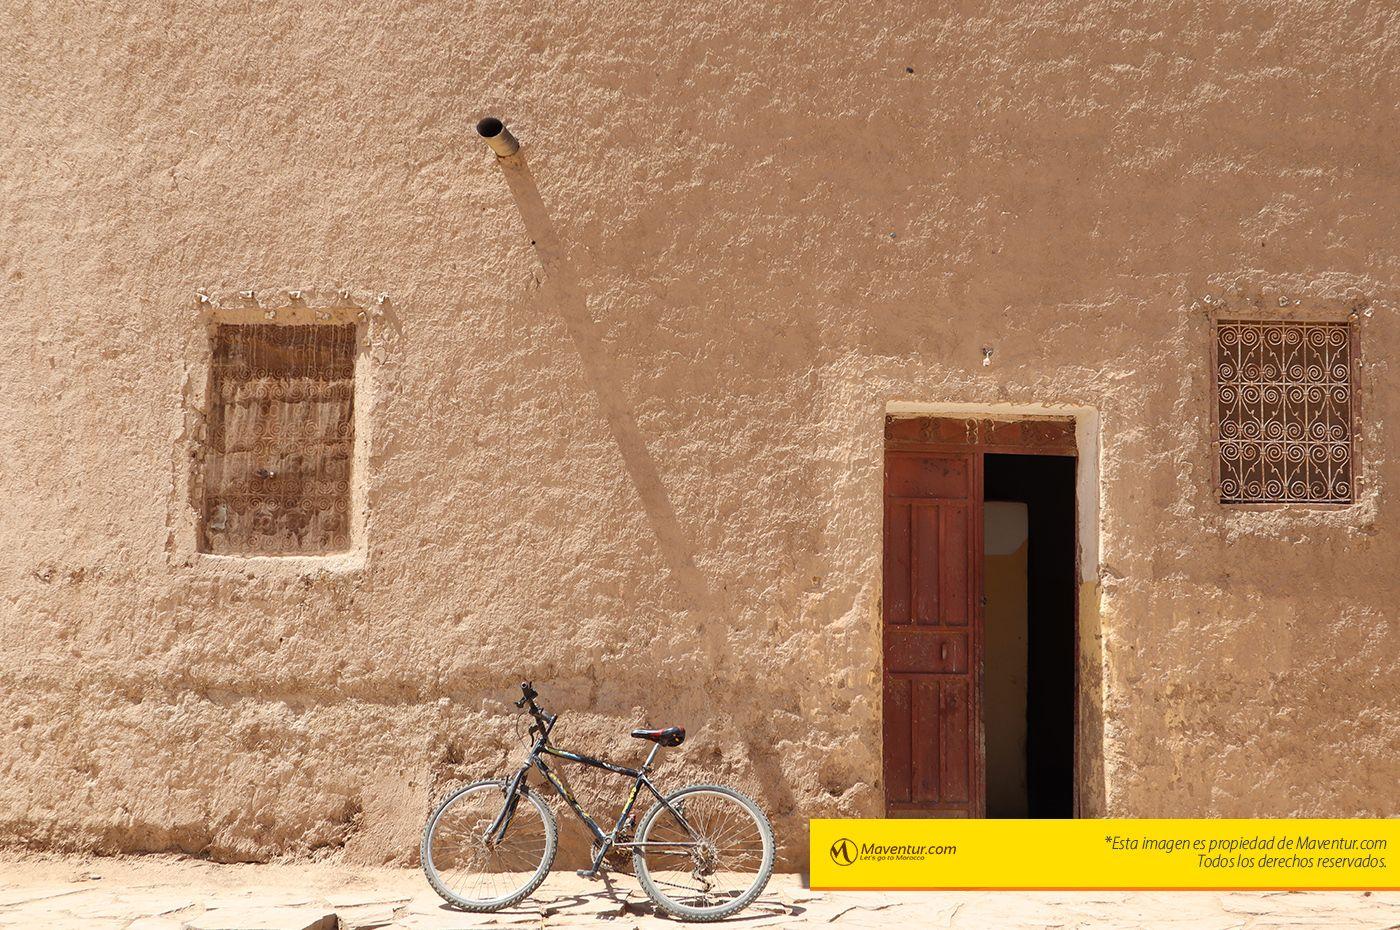 Maventur_tour fotografico por el desierto